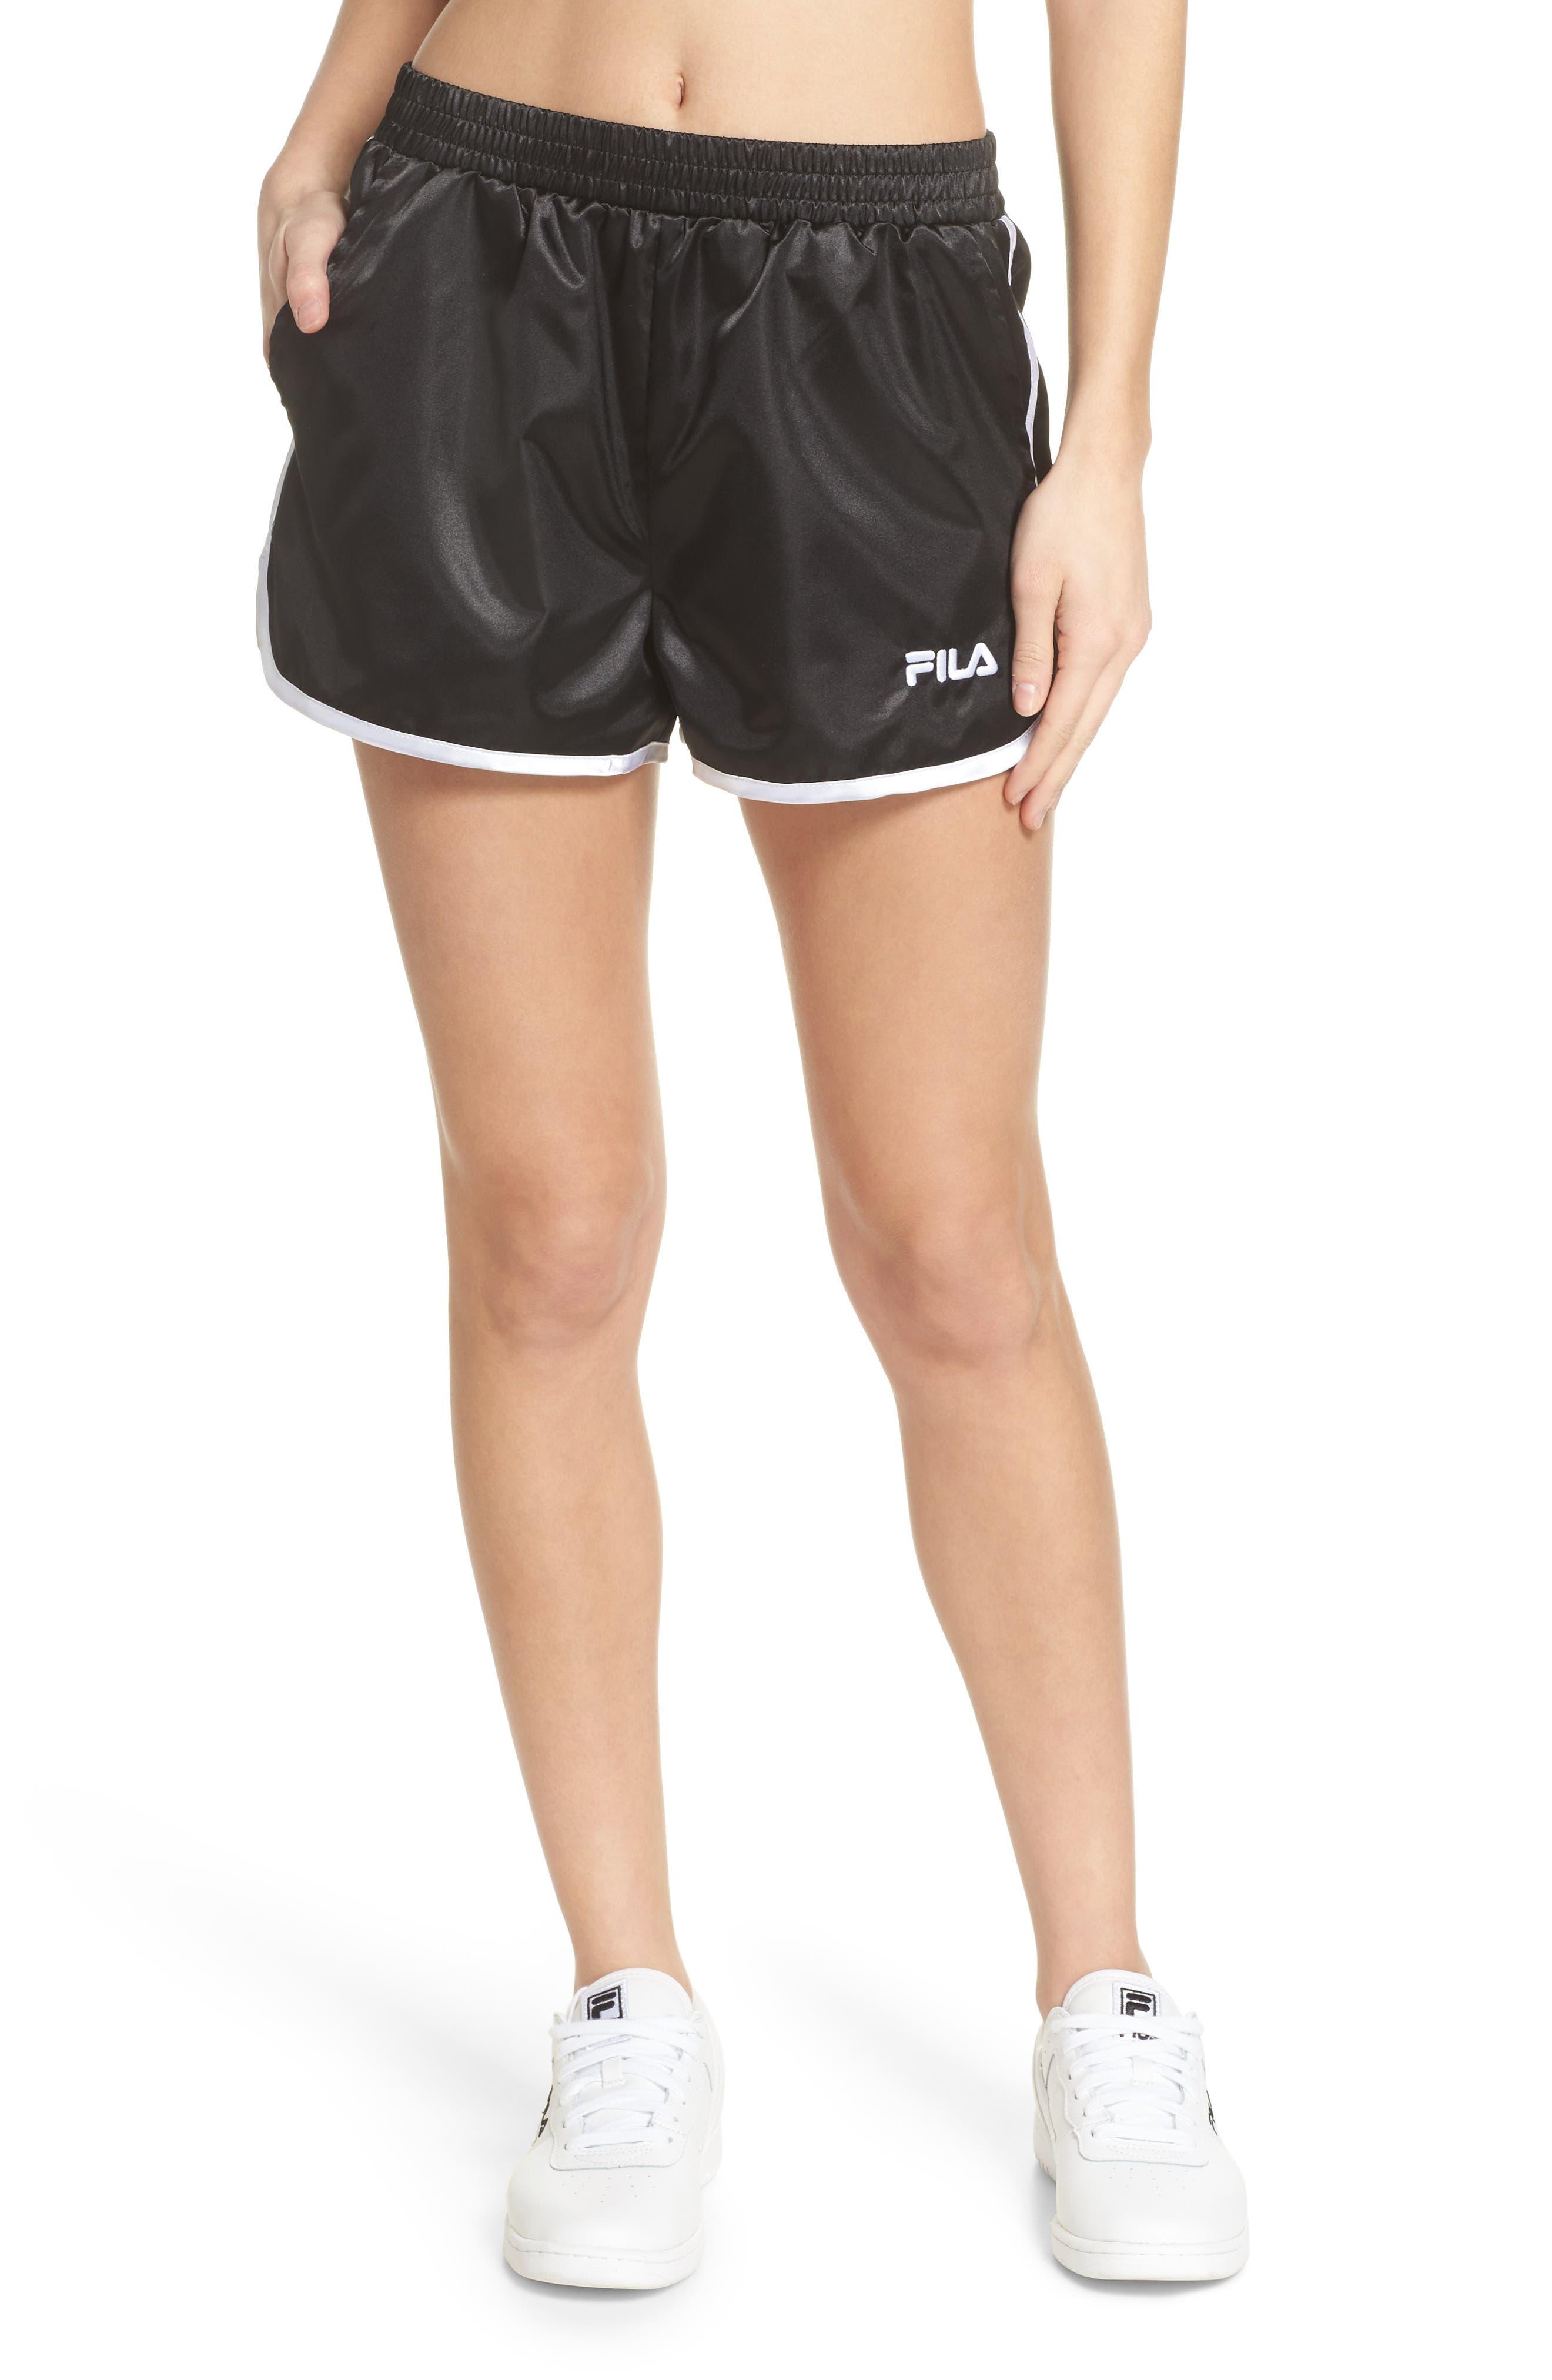 FILA Blanche Shorts